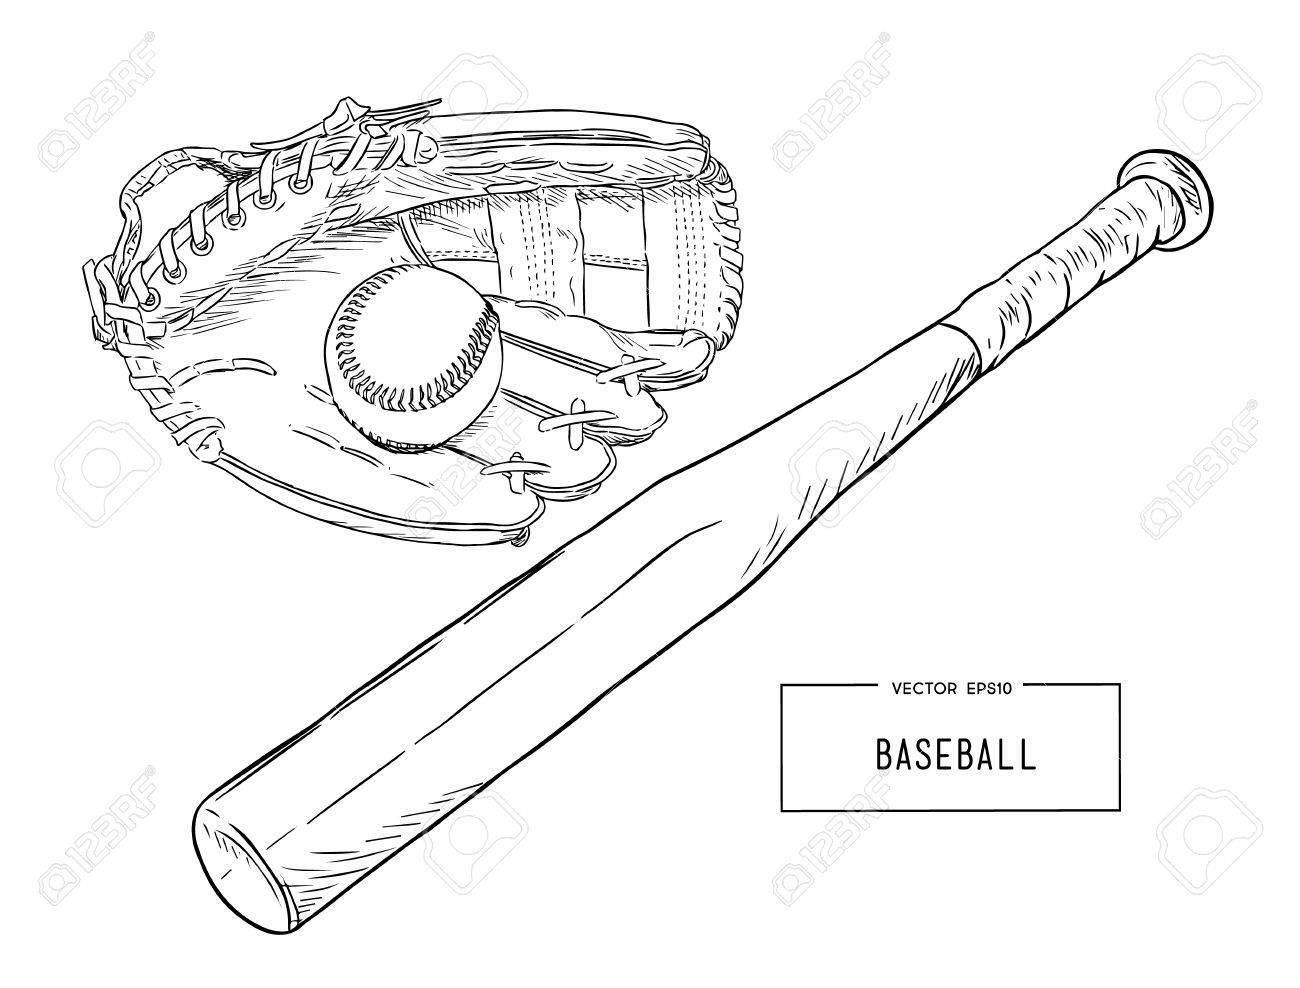 Una Colección De Elementos Ilustrados Del Béisbol. Batts, Bolas ...